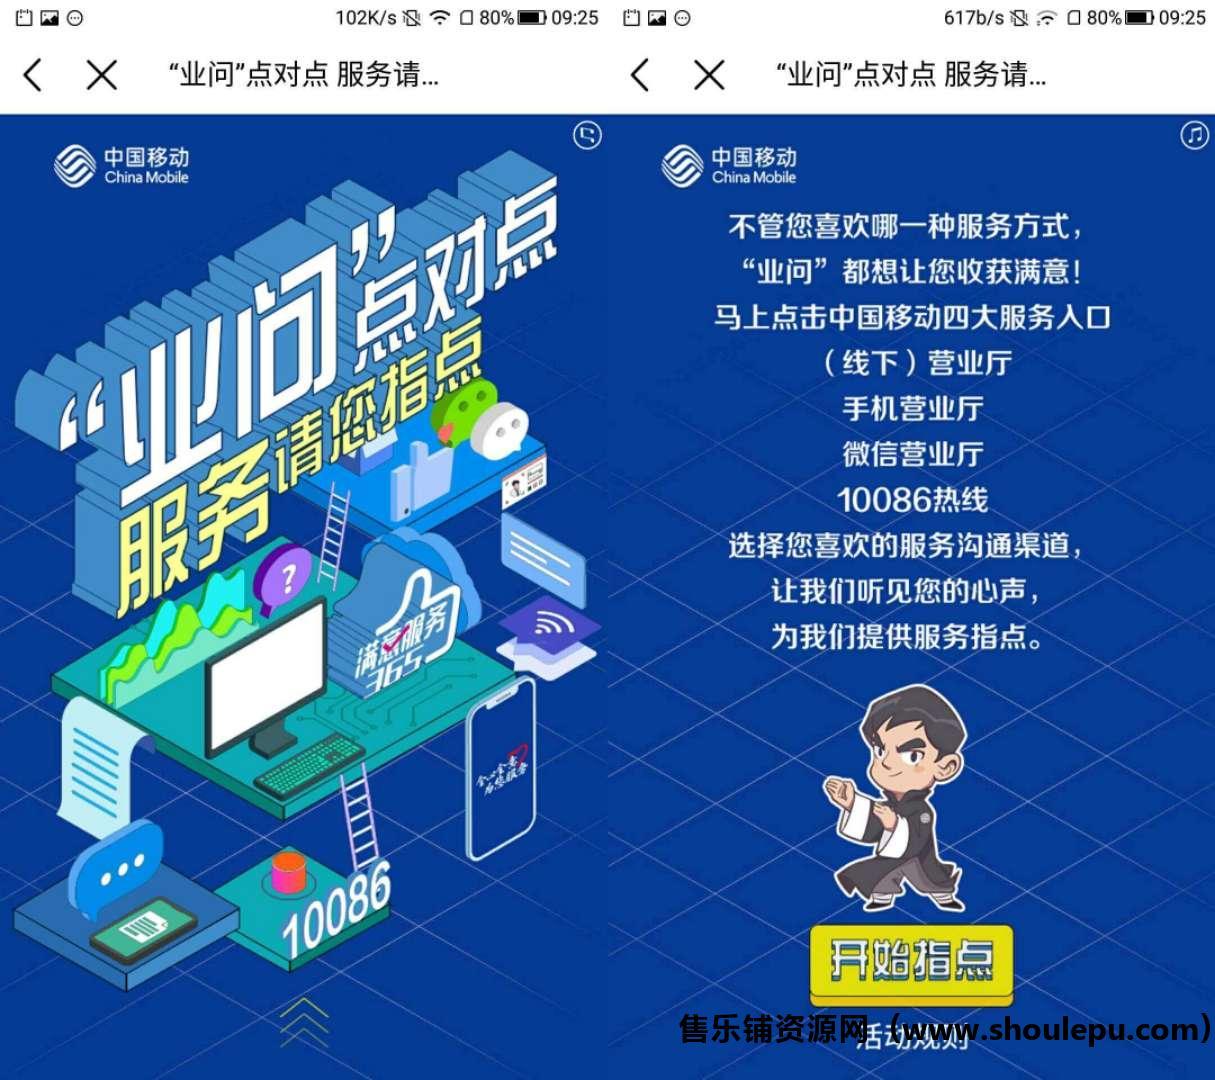 中国移动参与服务指点抽取流量包和彩云2t空间云盘